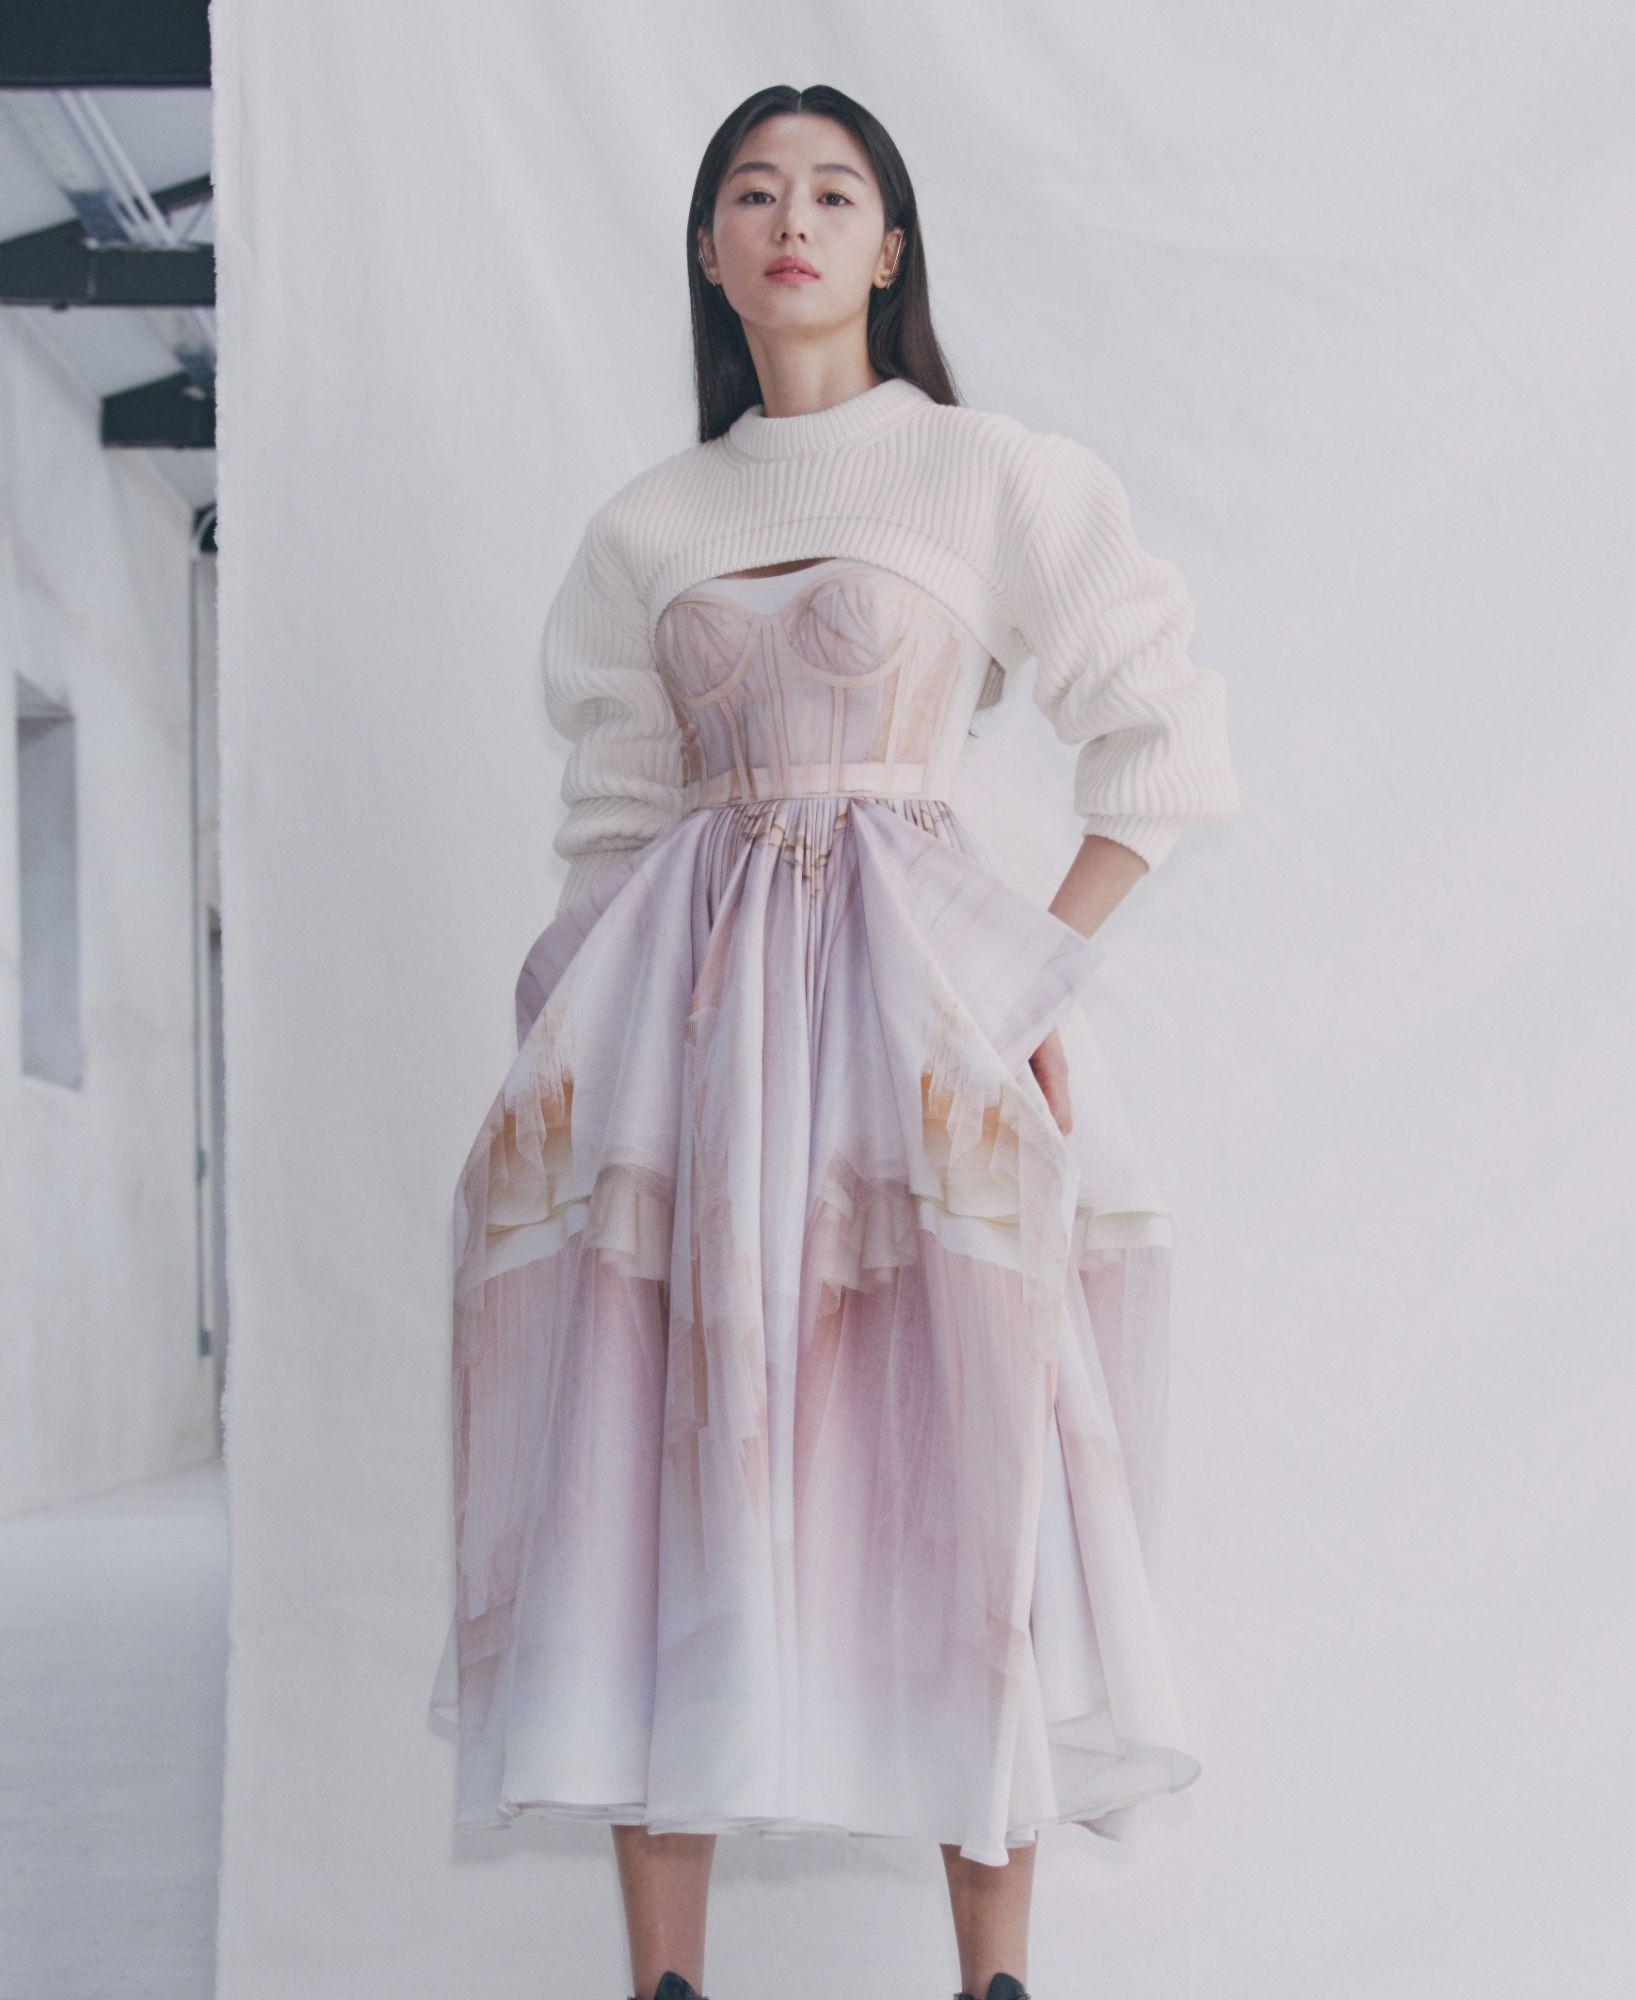 Jun Ji-Hyun Is Alexander McQueen's First Korean Ambassador